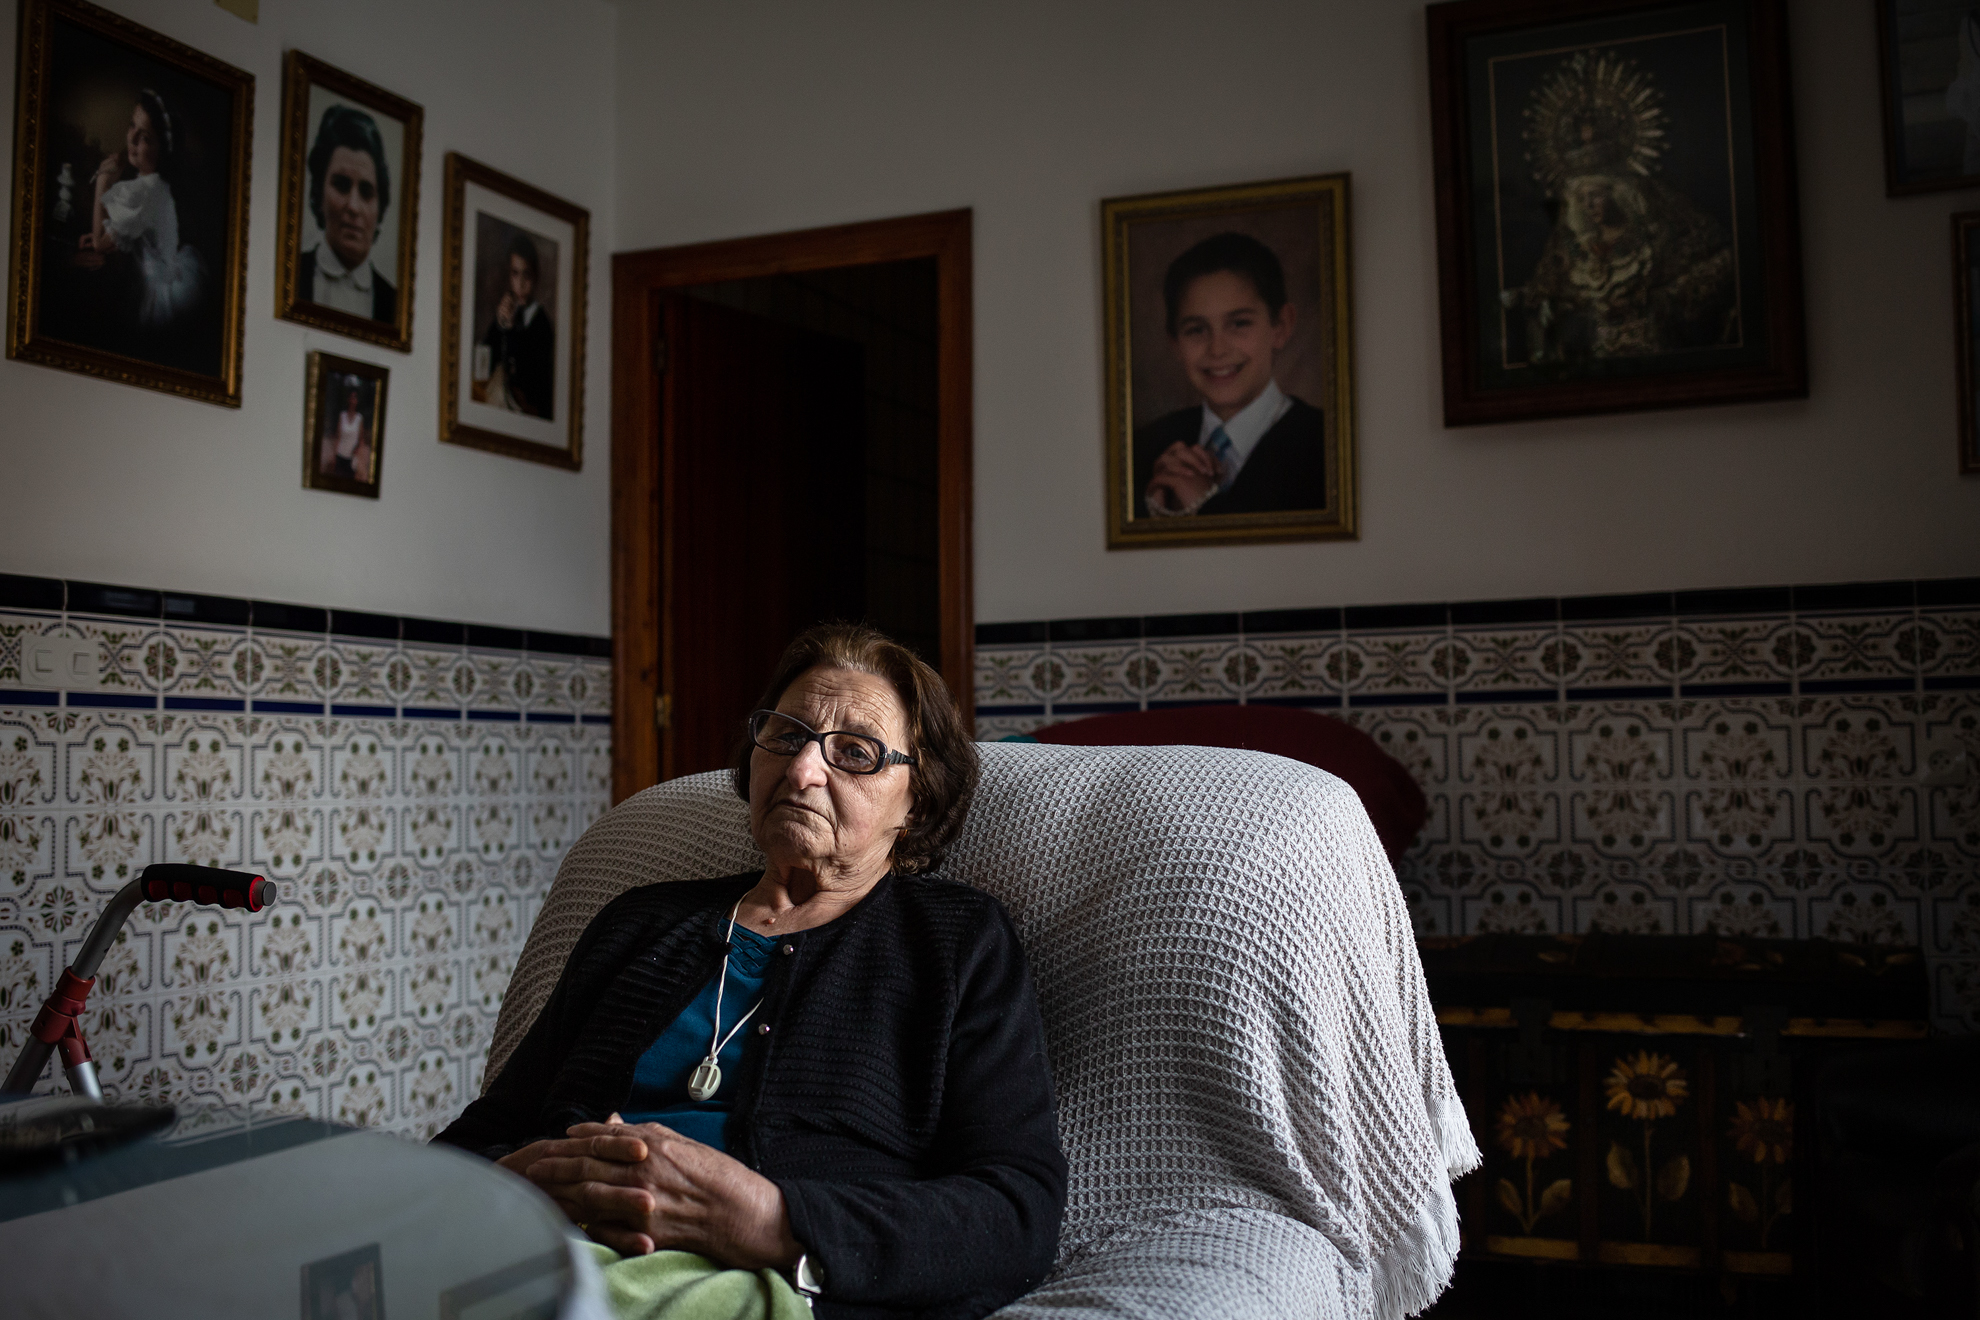 Jerónima de 86 años vive sola desde hace años en su casa del pequeño pueblo de Valdezufre (Huelva). Está pasando con mucho miedo la crisis sanitaria del COVID19. Para ella es inevitable comparar las dos situaciones más difíciles que le han tocado vivir: la Guerra Civil y su posguerra, y esta crisis del coronavirus. Y tiene claro que esto está siendo peor, al menos para ella. Piensa que aquellos tiempos al menos los podía compartir y sobrellevar con sus hermanos y padres, después con su marido. Pero ahora sólo quedan recuerdos y alguna visita rápida con mil precauciones de alguno de sus hijos o nietos.